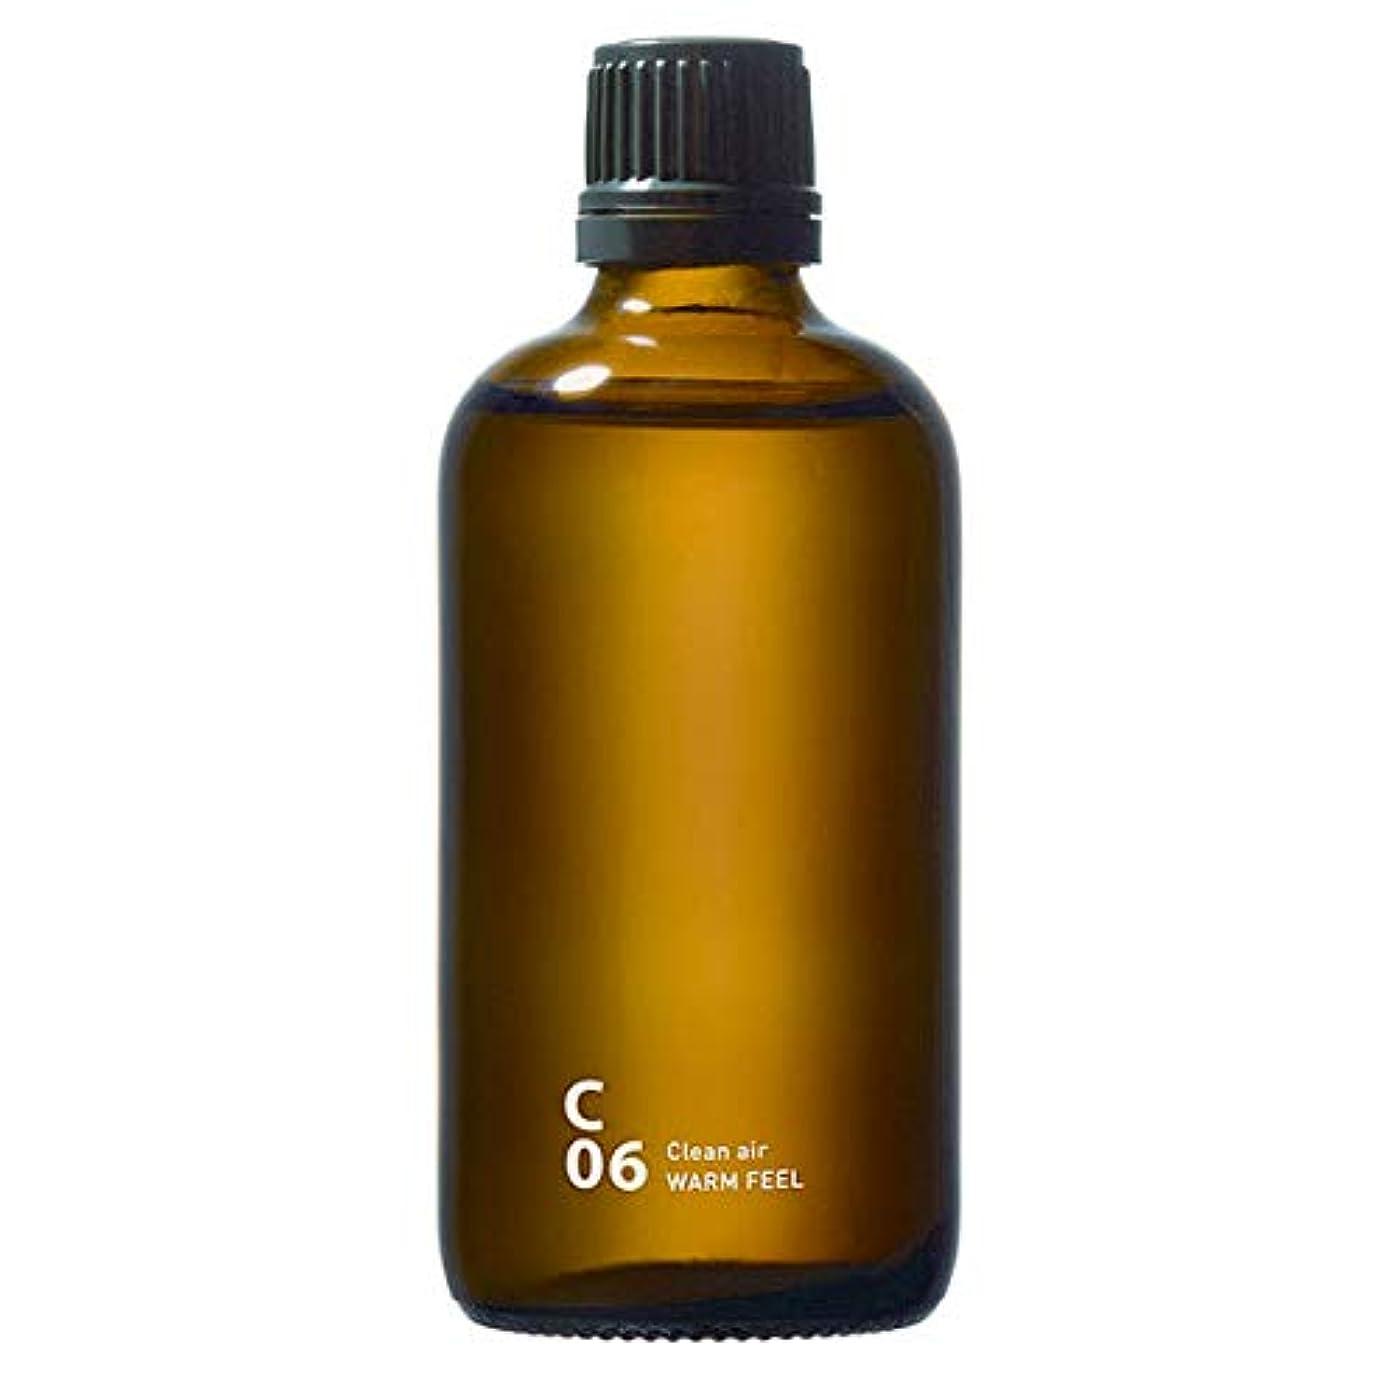 適合するくちばしプロジェクターC06 WARM FEEL piezo aroma oil 100ml